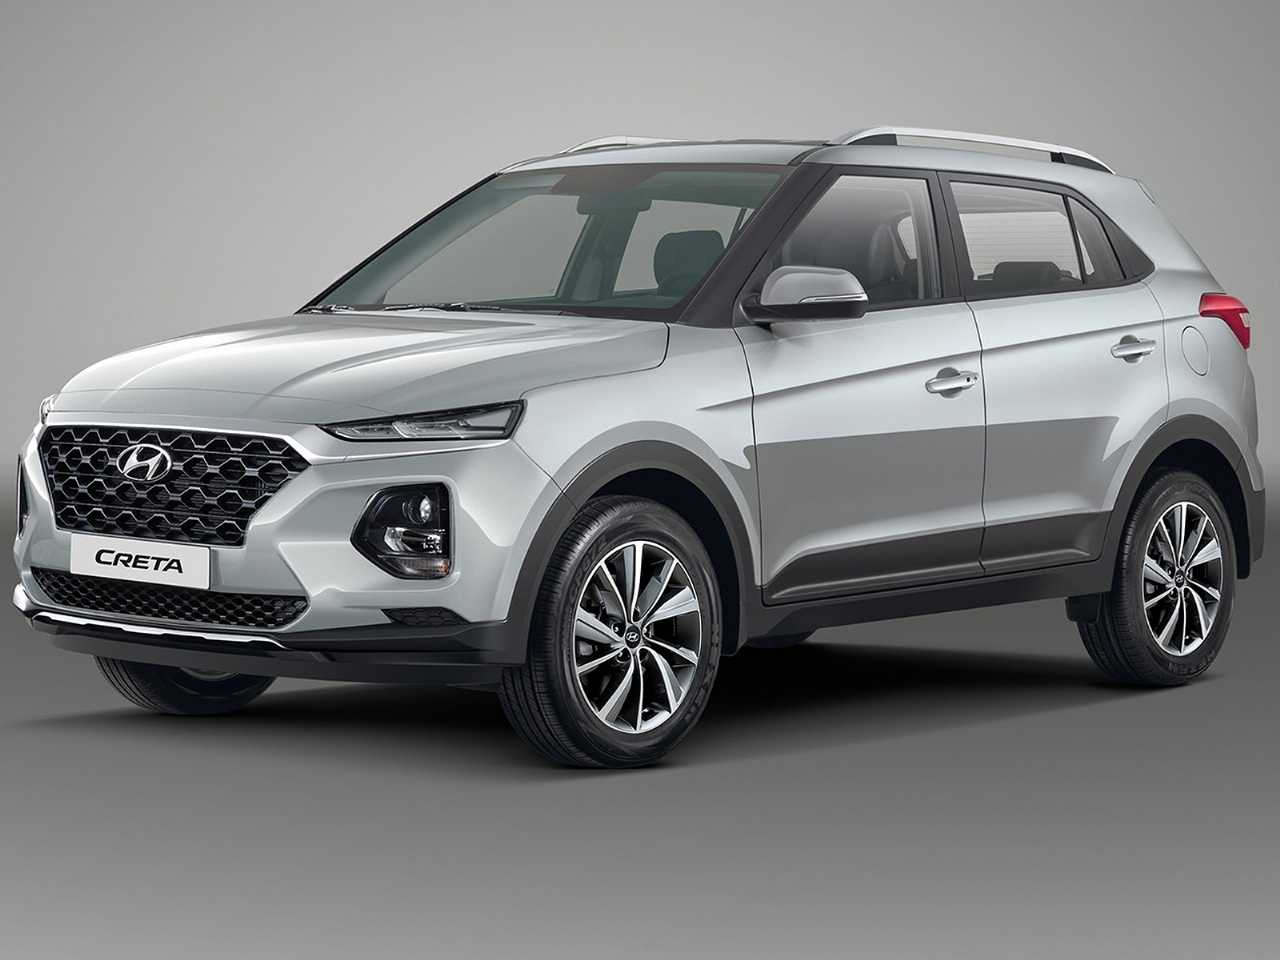 Projeção de Kleber Silva mesclando elementos dos novos Hyundai Venue e ix25 para antecipar a segunda geração do Creta